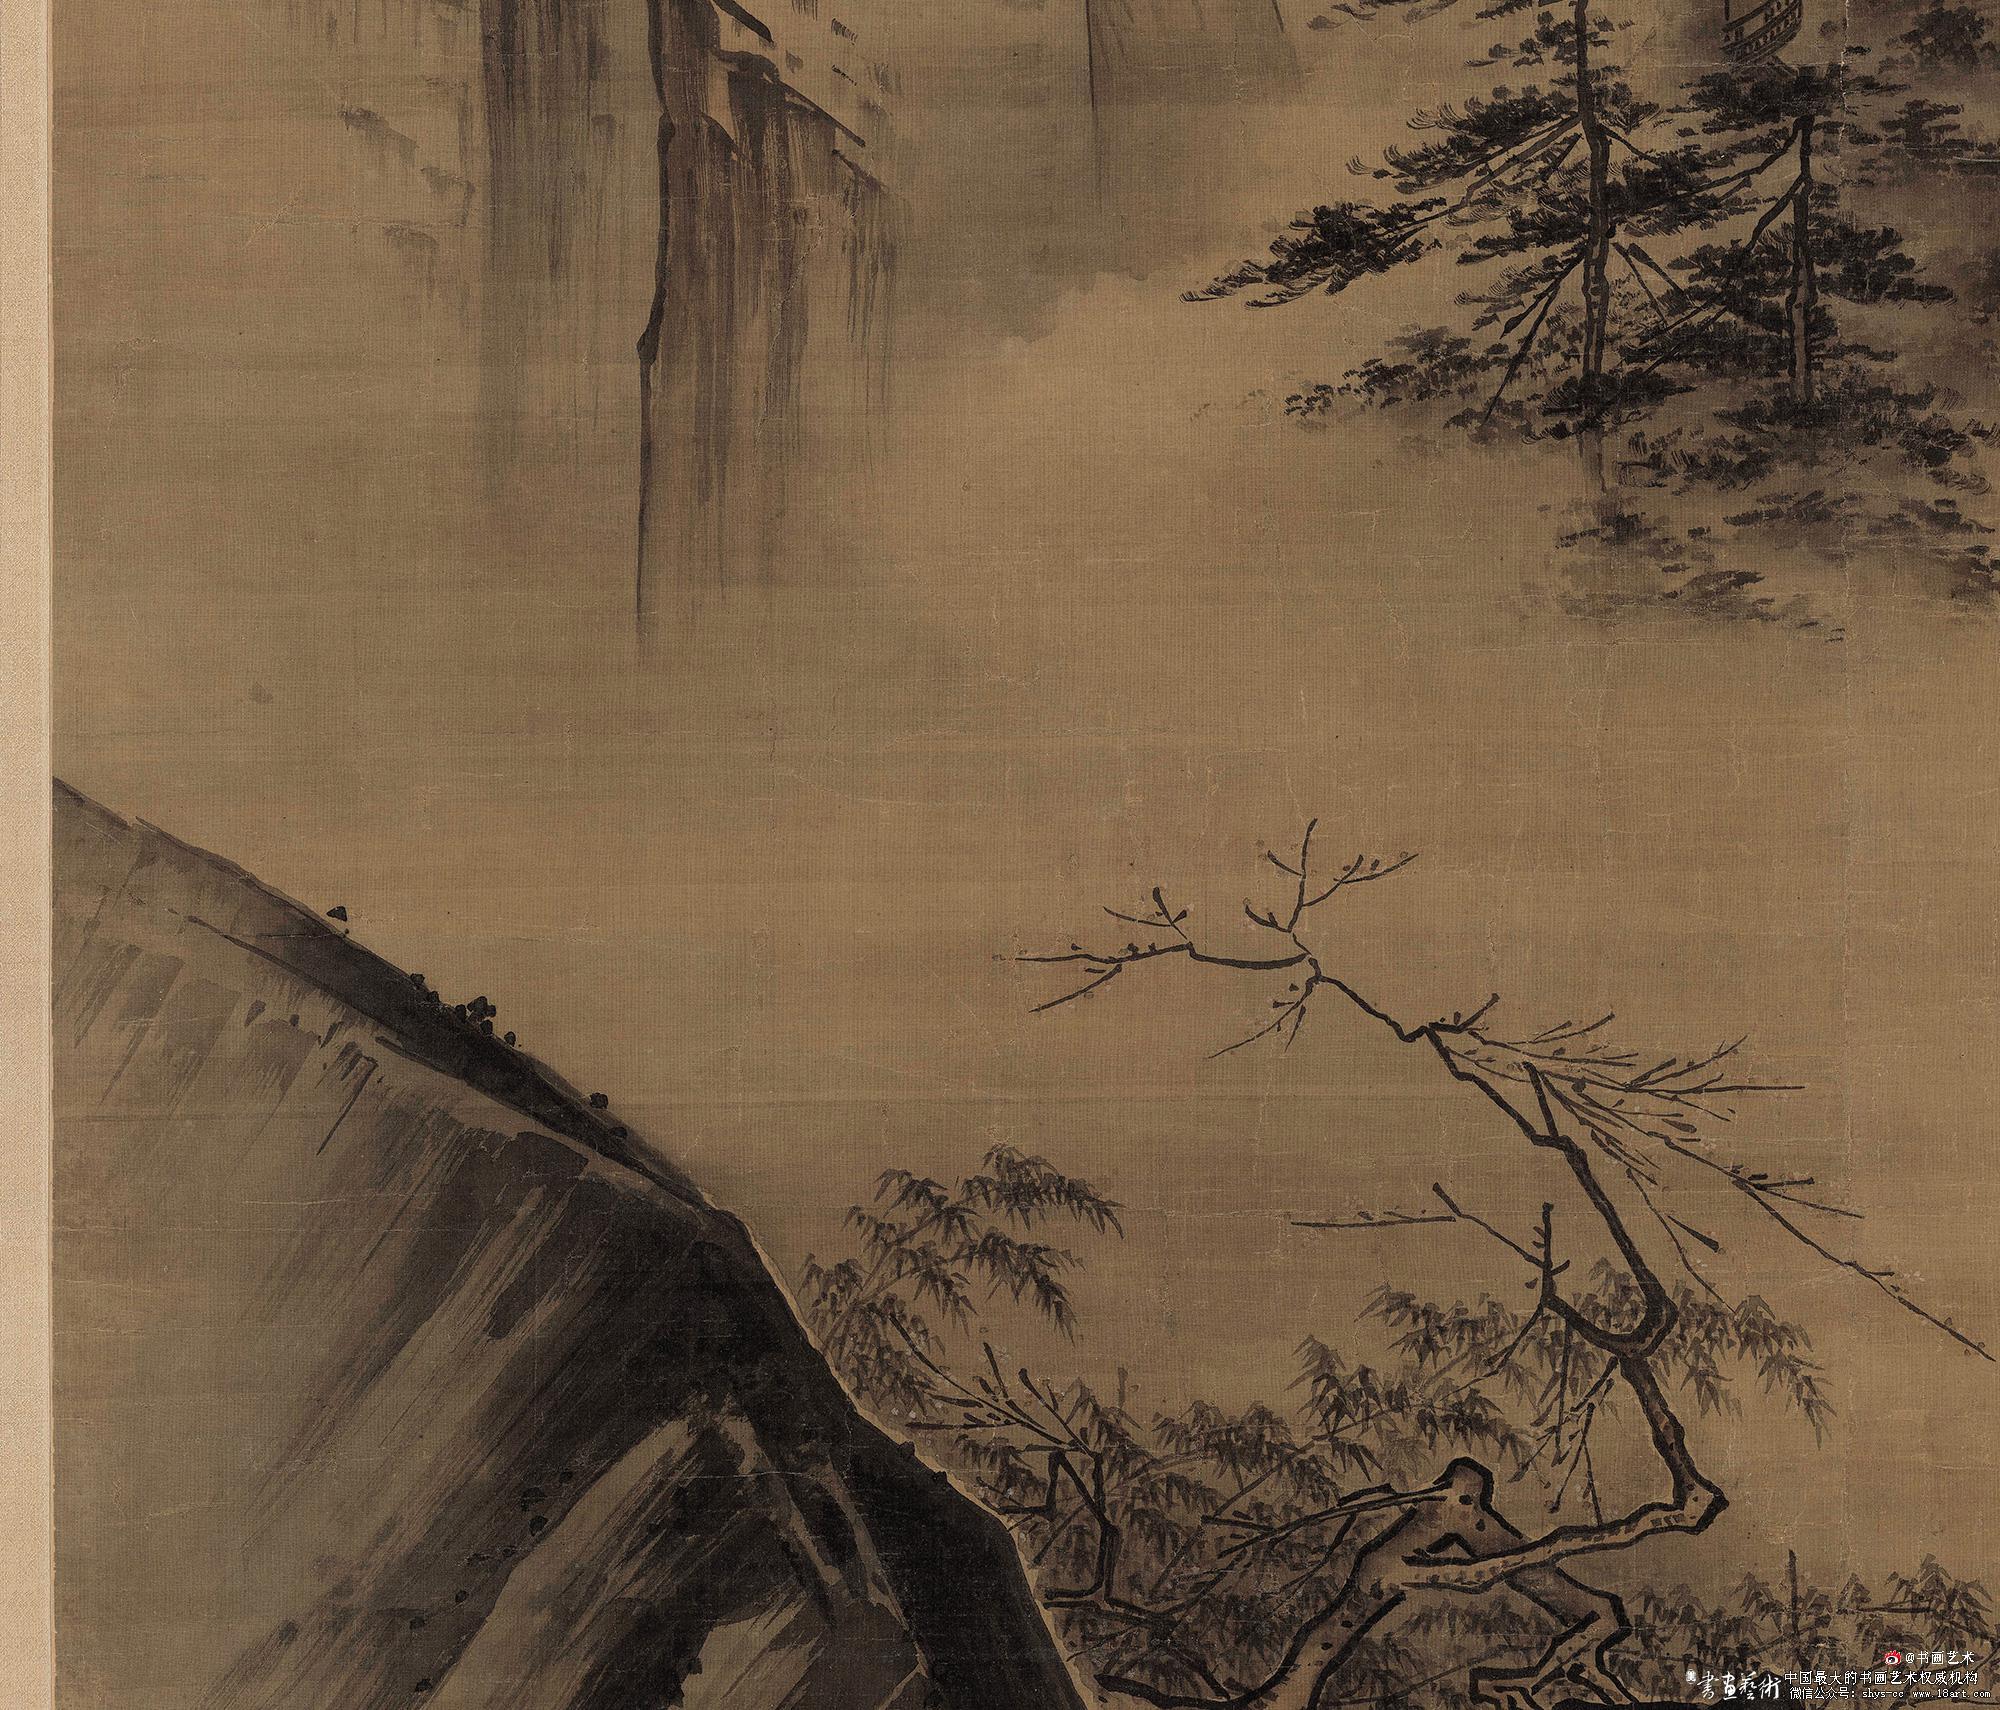 《踏歇图》,绢本,水墨谈设色, 192.5×111cm 藏于北京故宫博物馆 局部